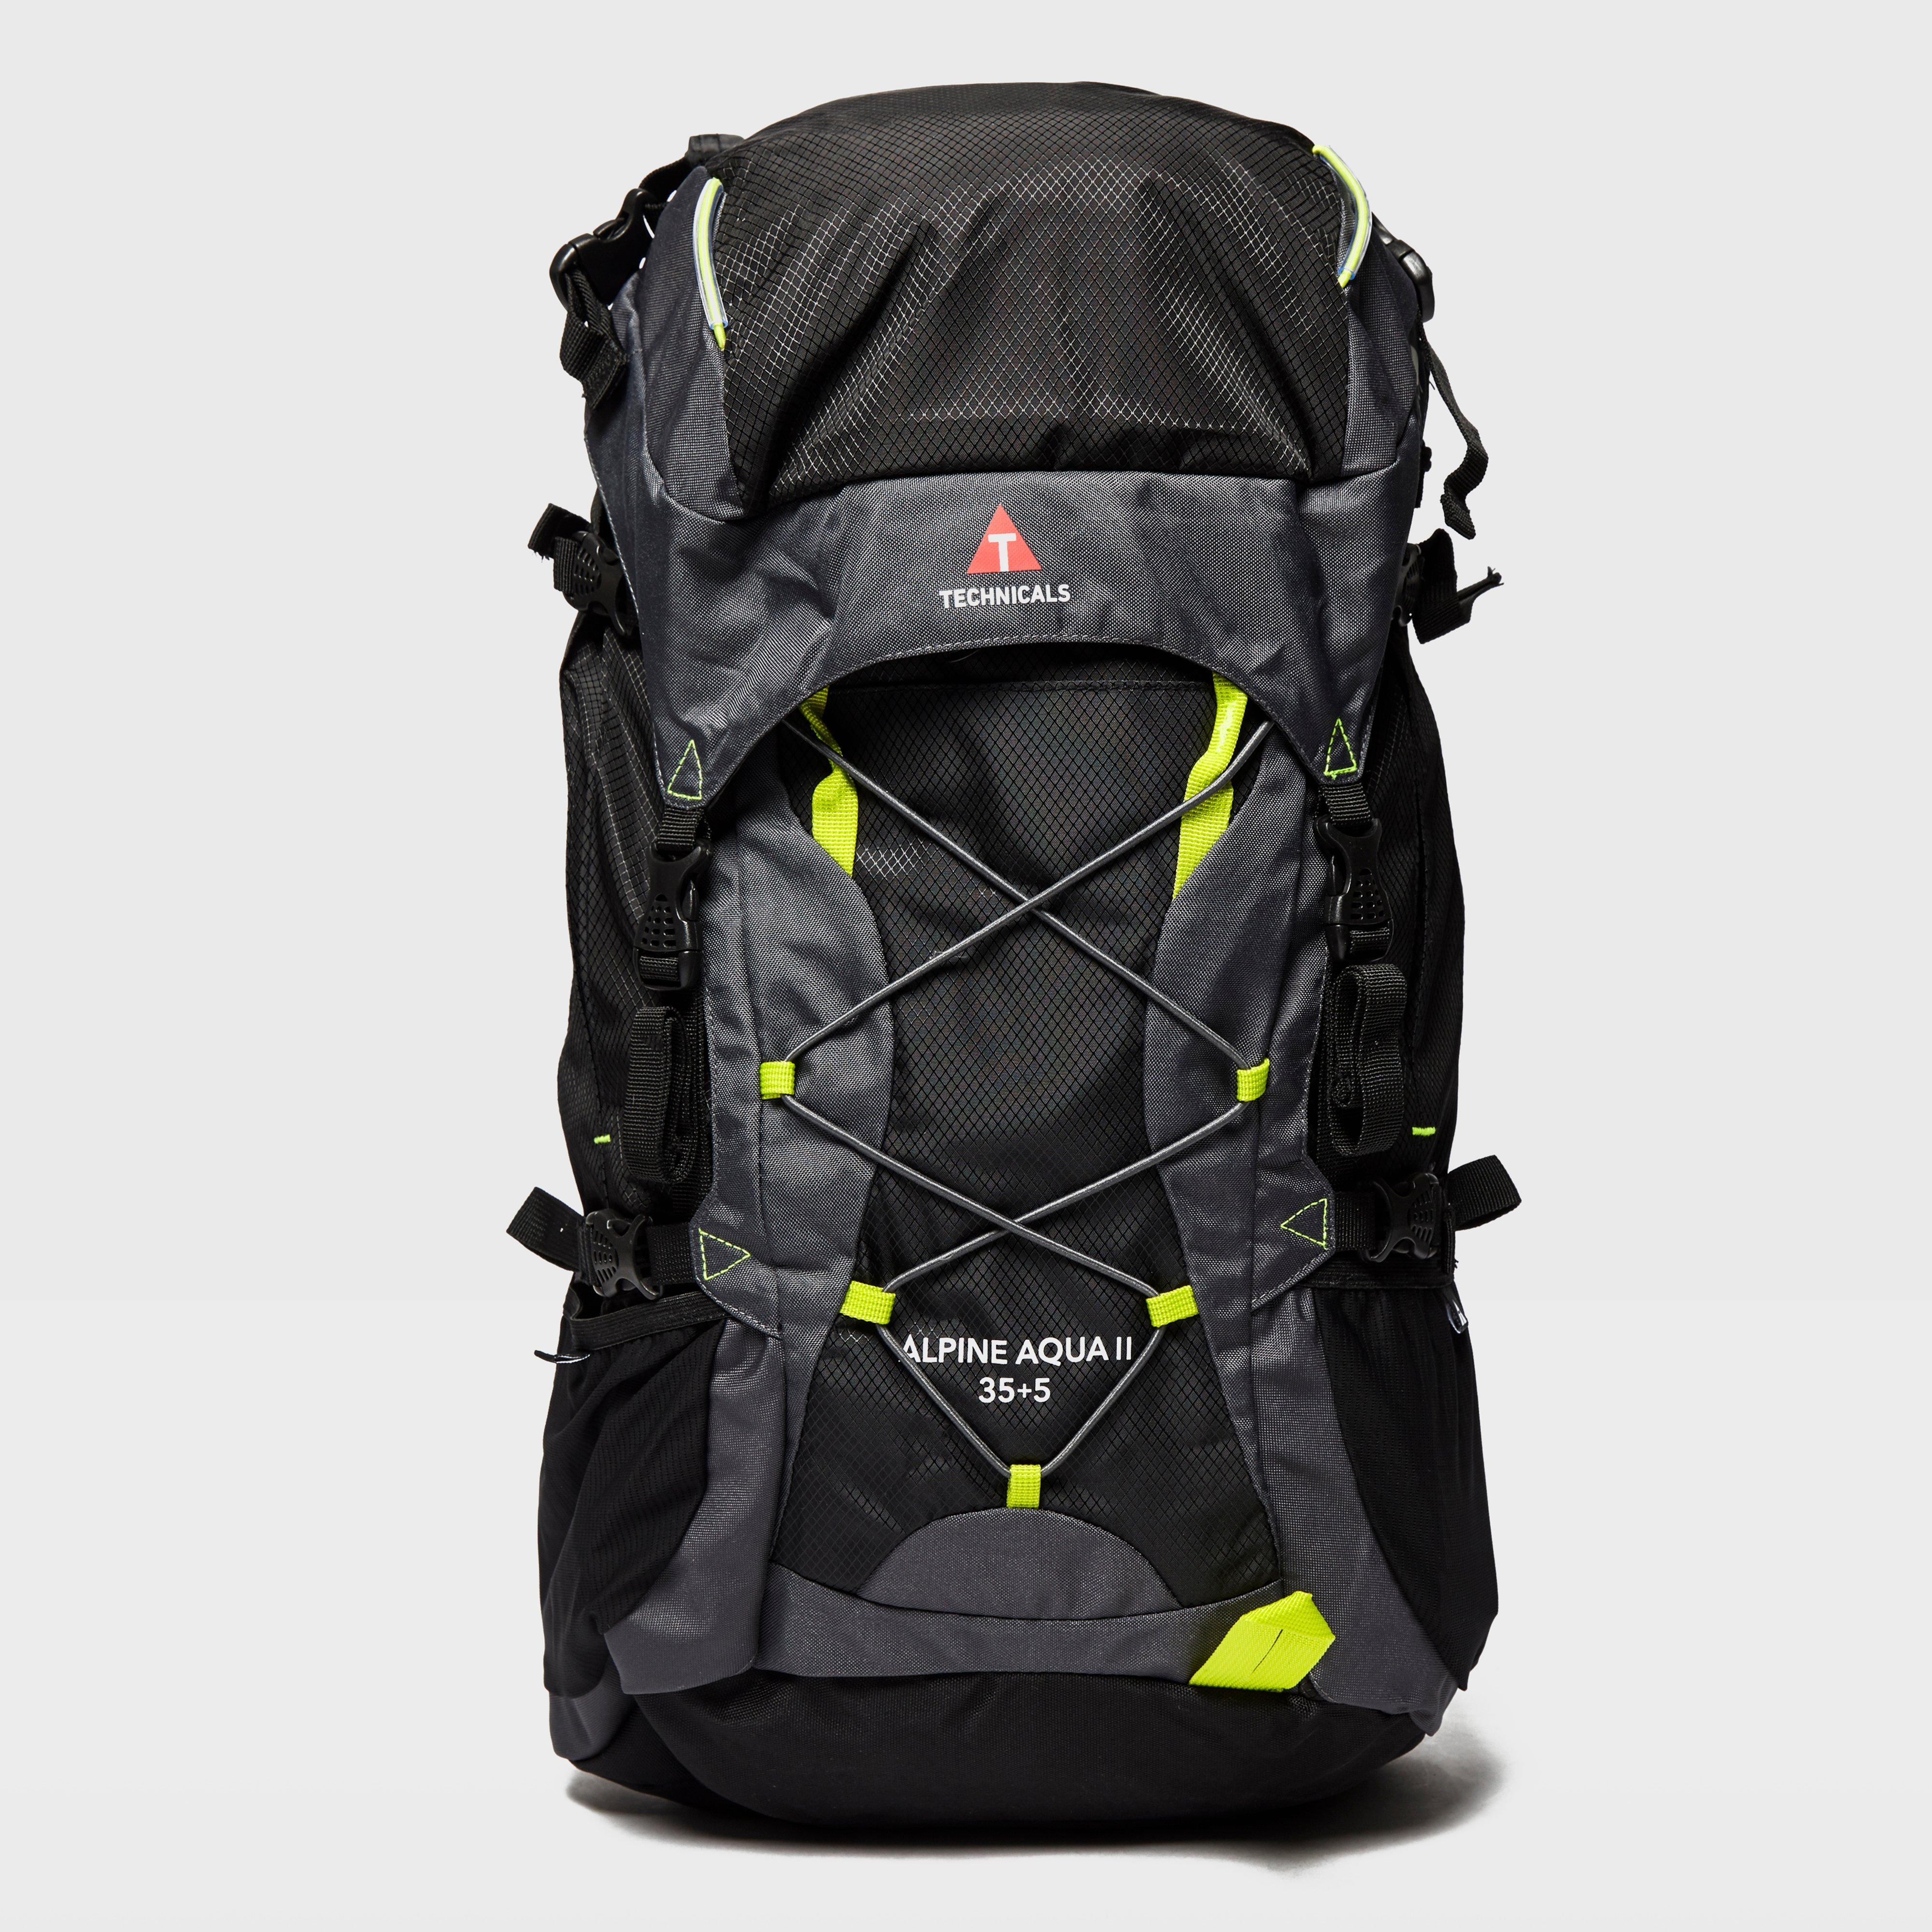 New Technicals Alpine Aqua II8010 Litre Rucksack Travel Bag